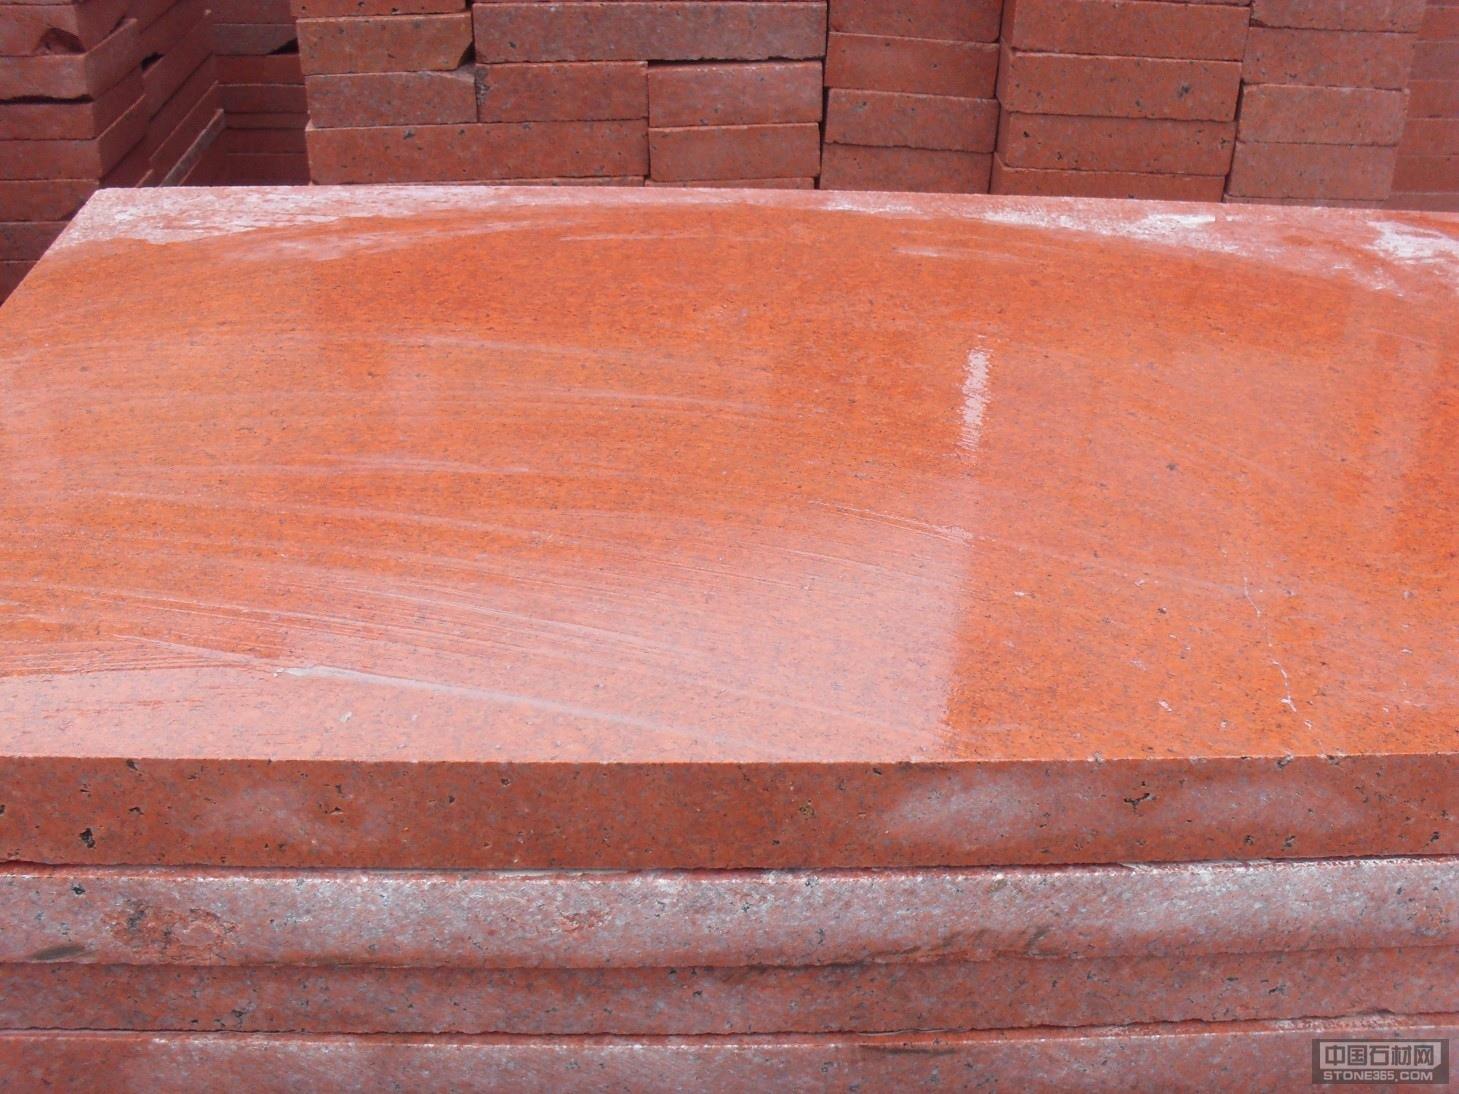 中国红光面石材